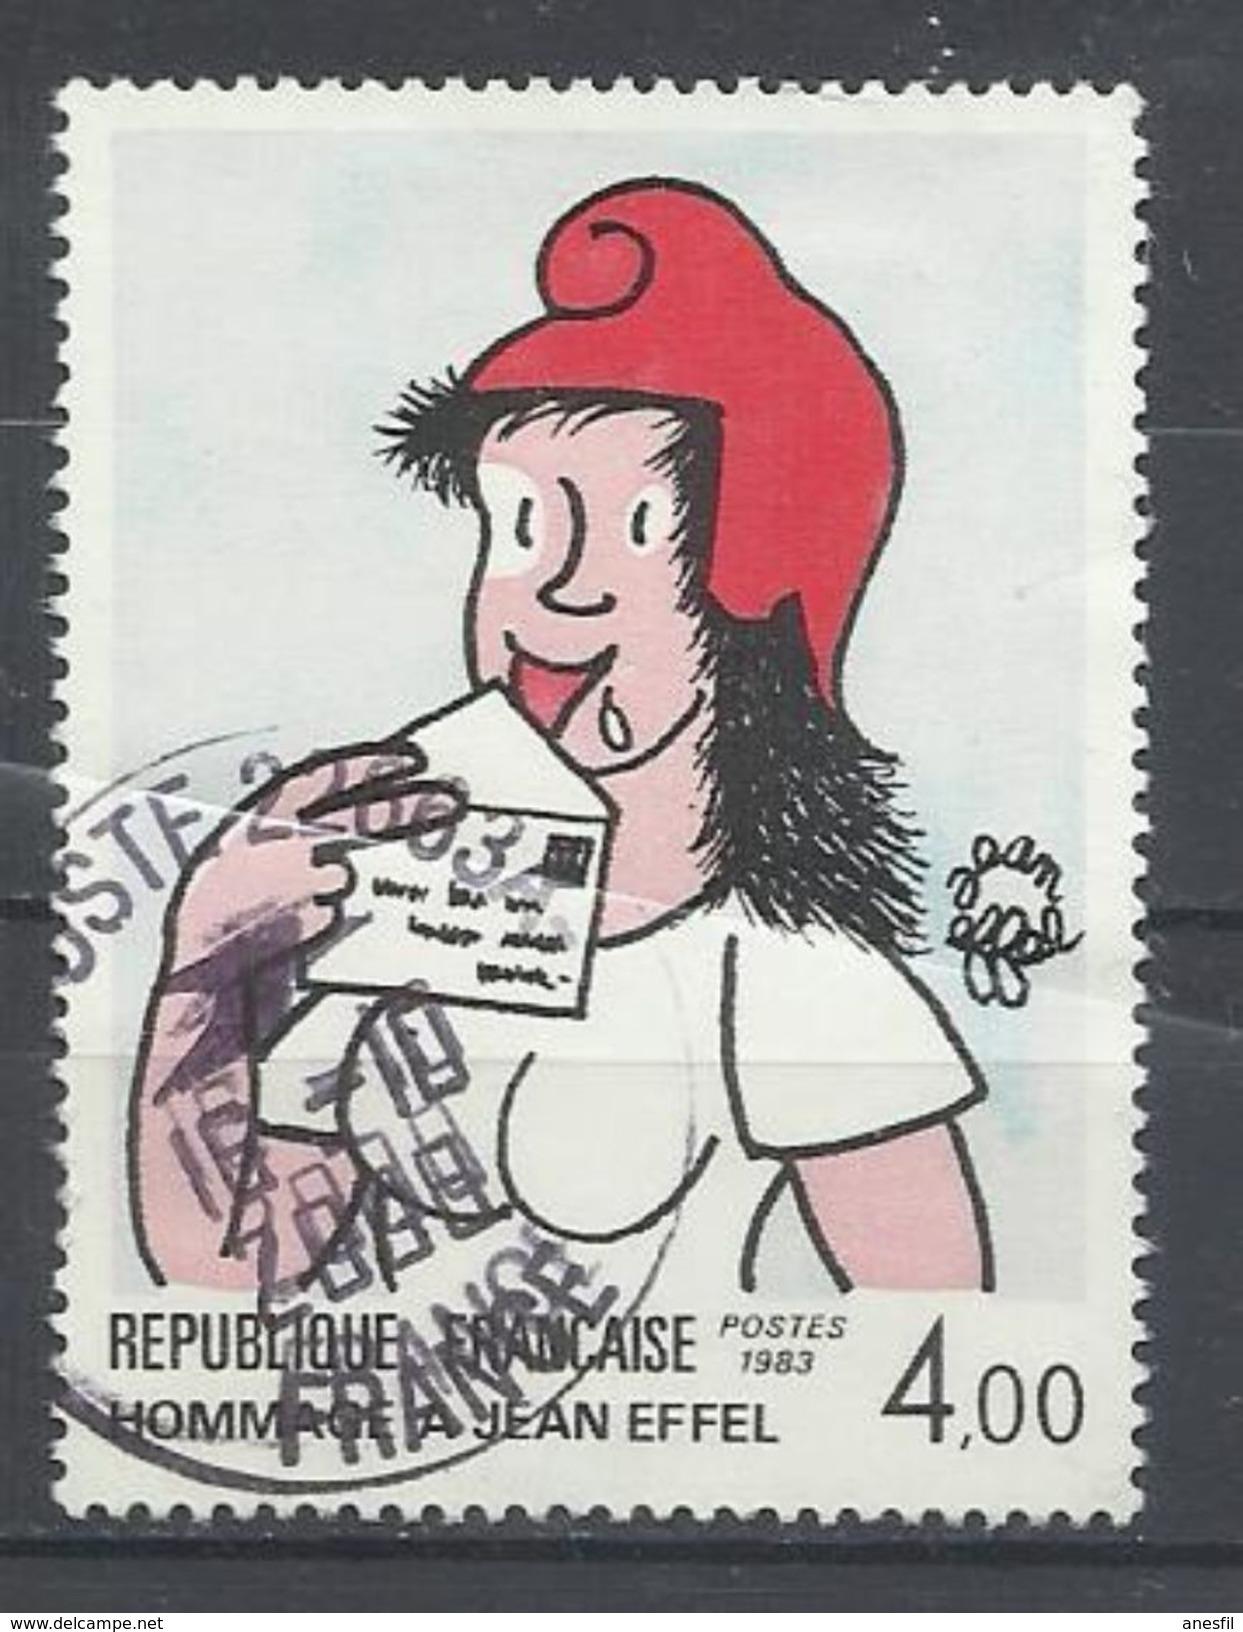 Francia. 1983. Homenaje A Jean Effel. - Profesiones